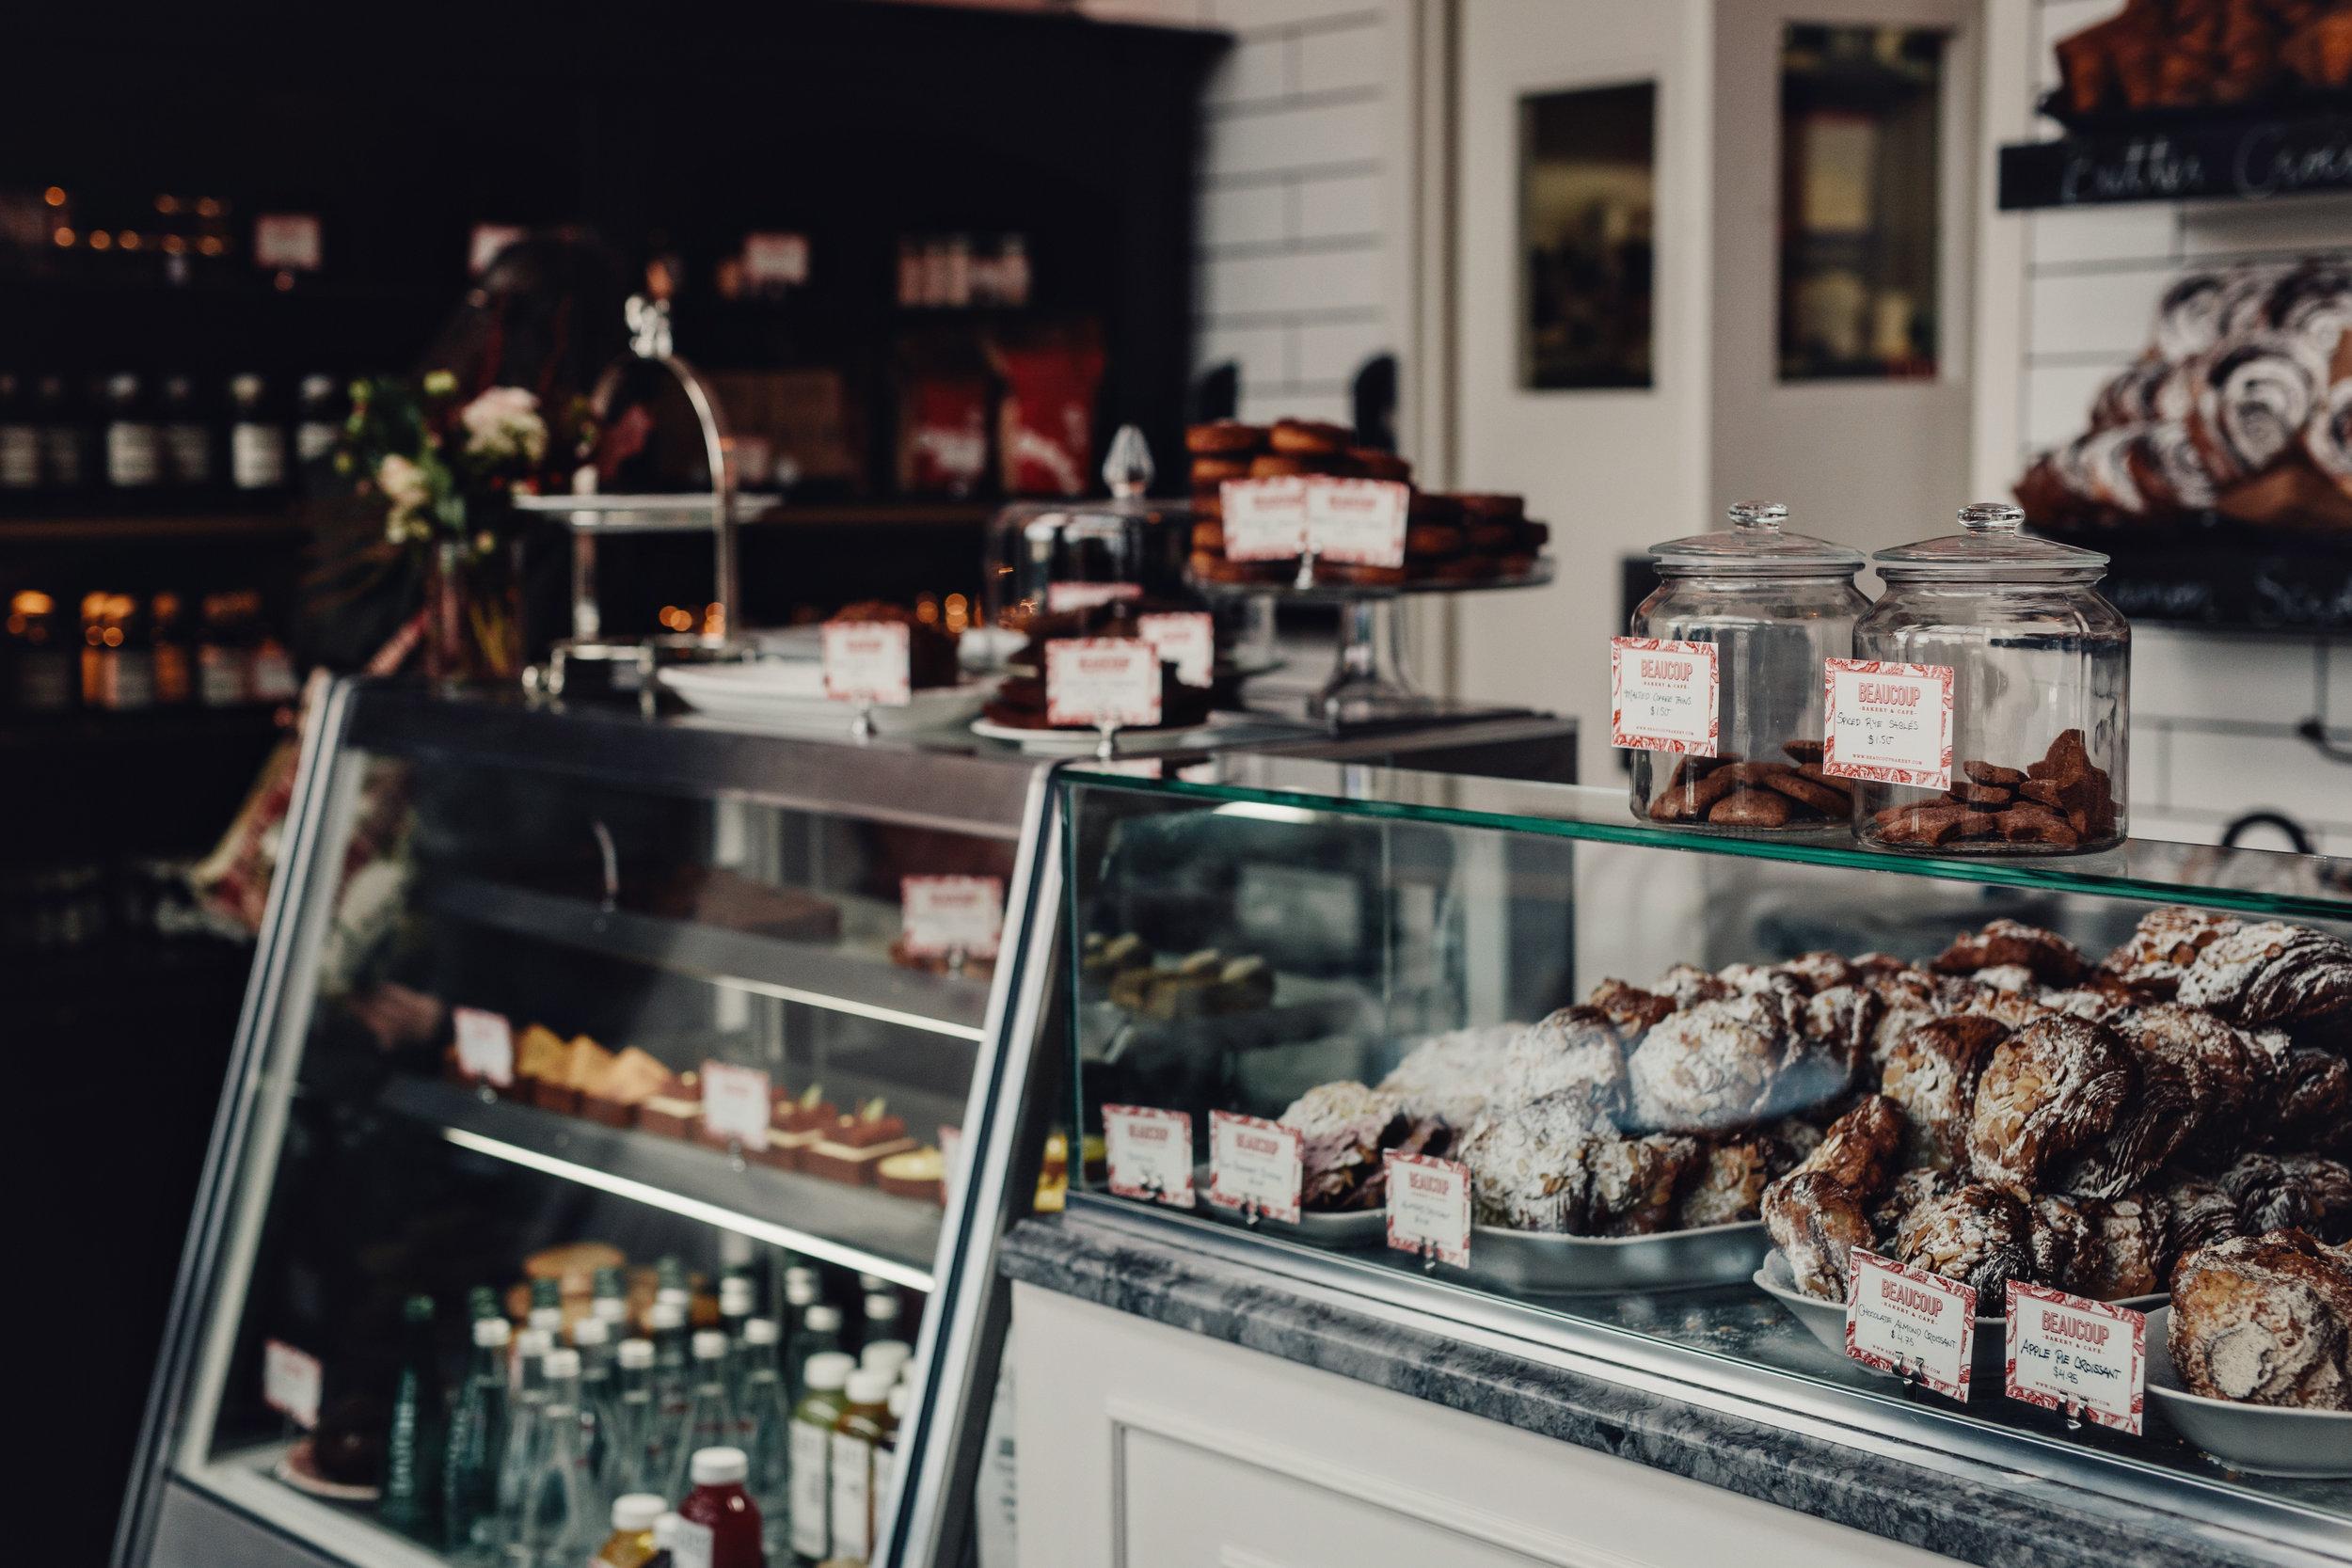 Beaucoup-Bakery-DRT-1.jpg